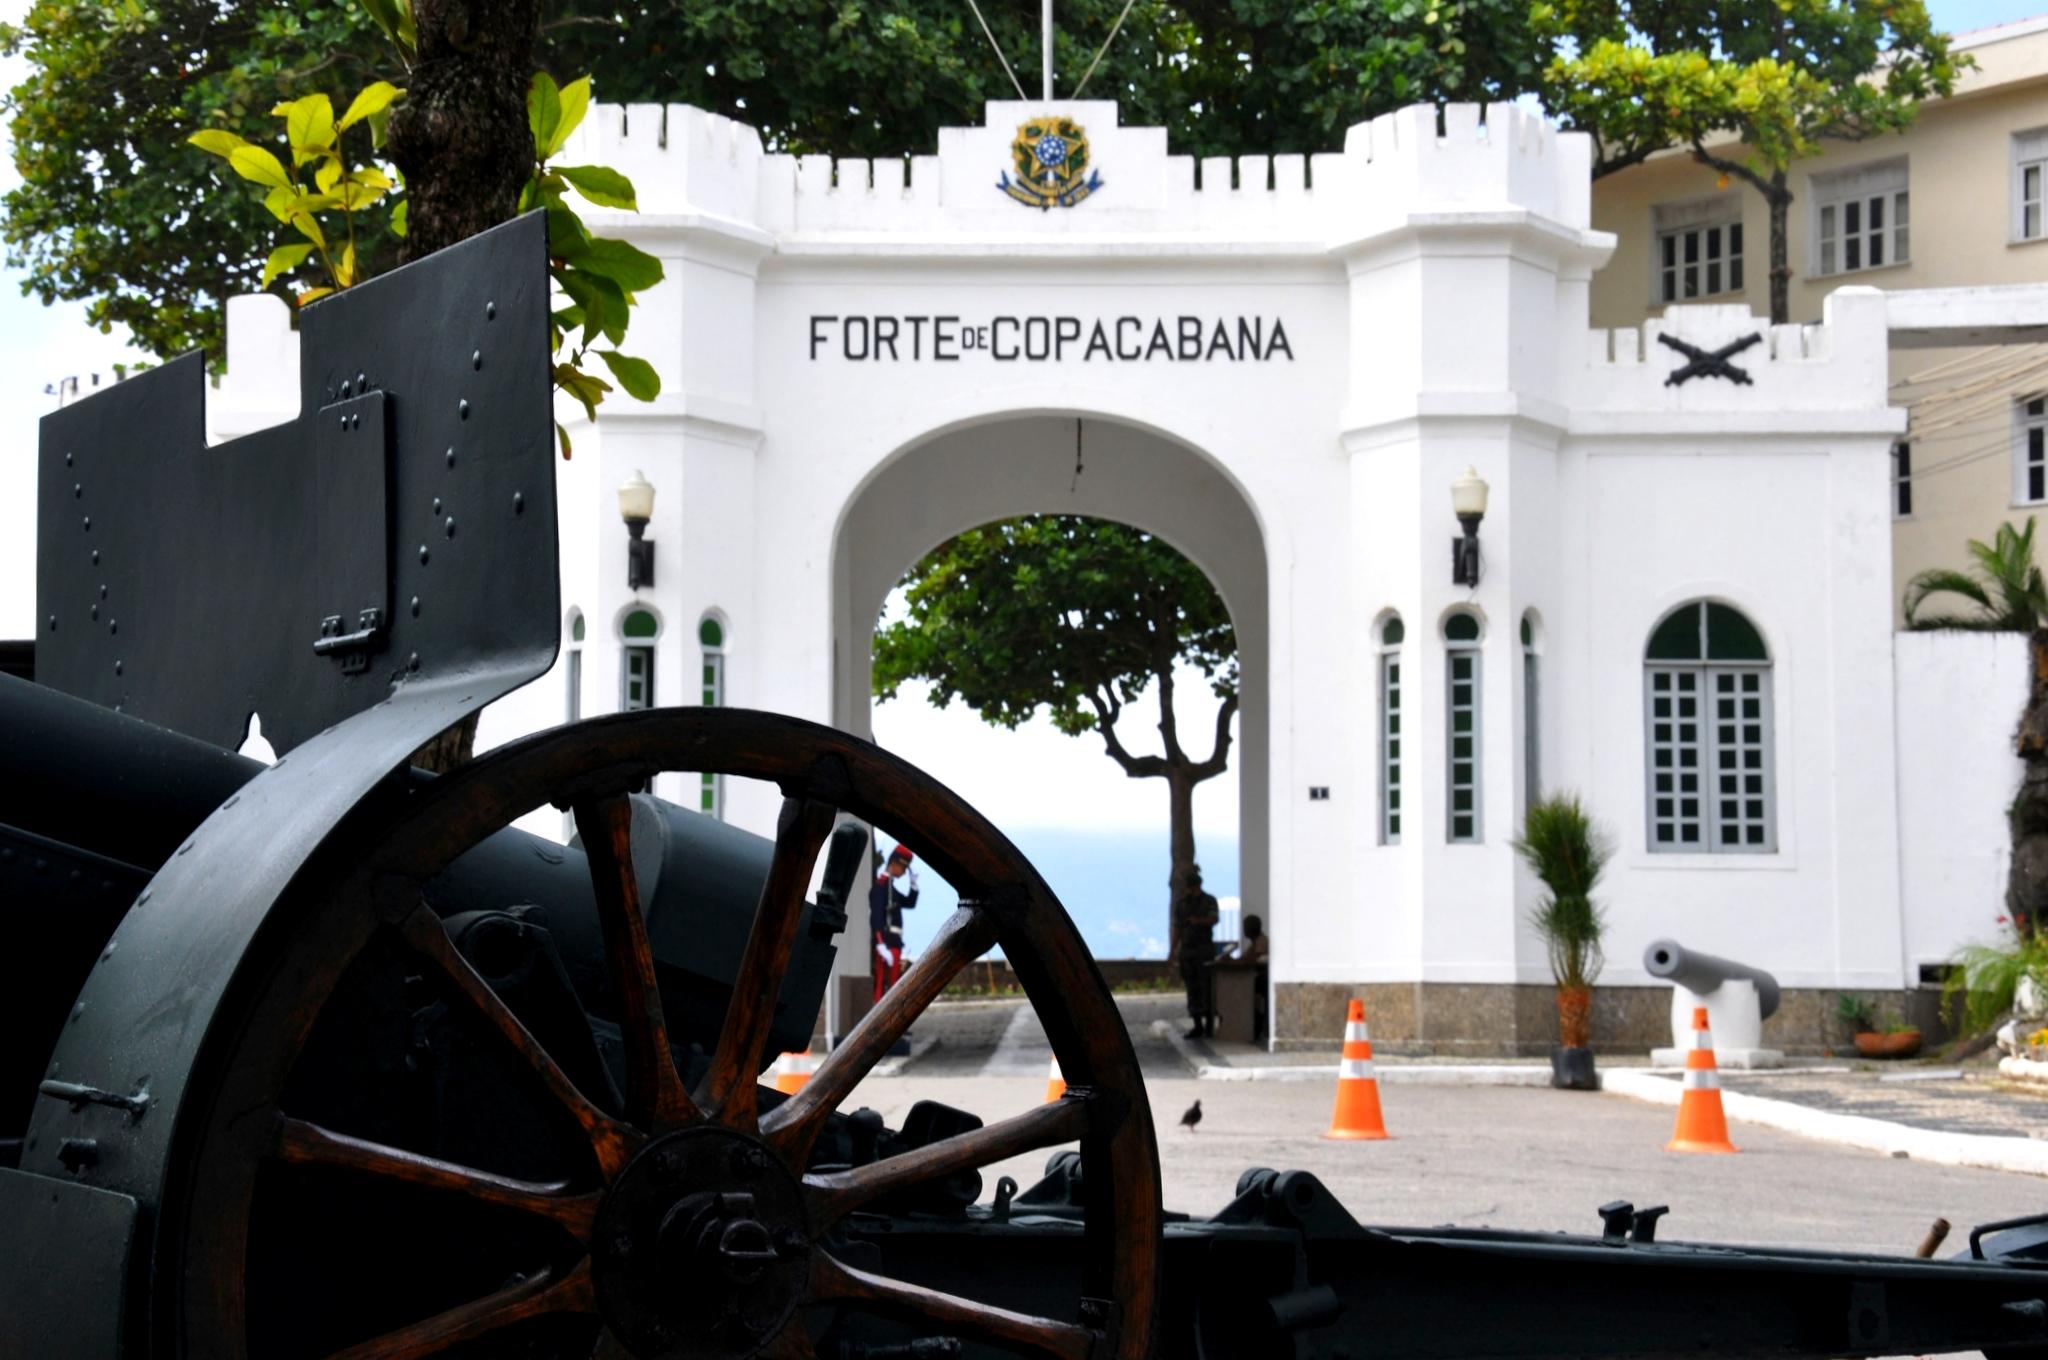 Entrada do forte de copacabana